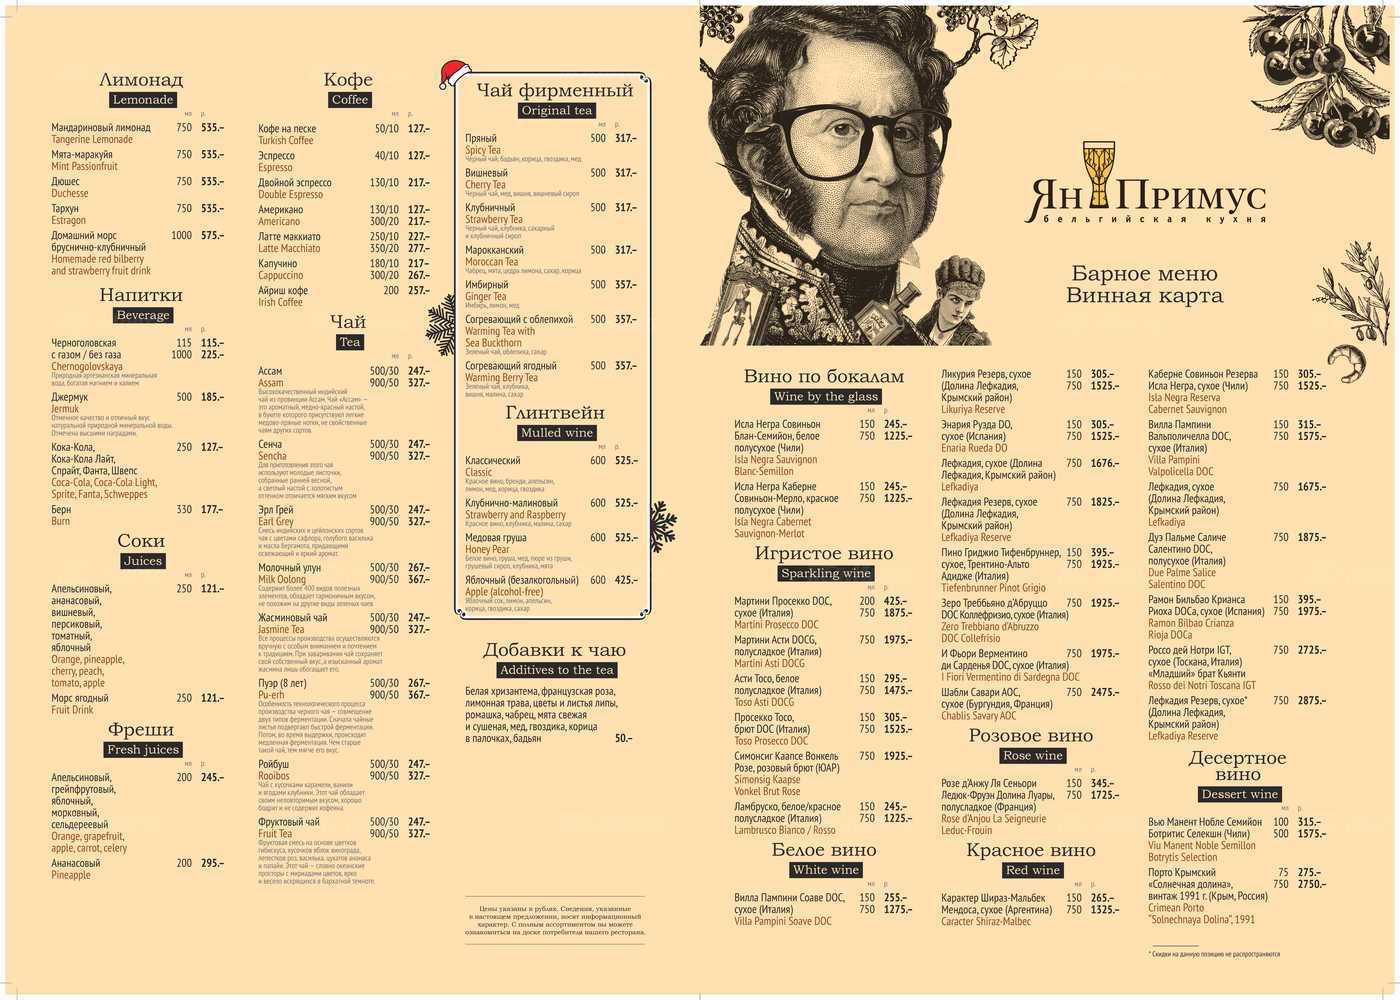 Меню пивного ресторана Ян Примус на проспекте Вернадского